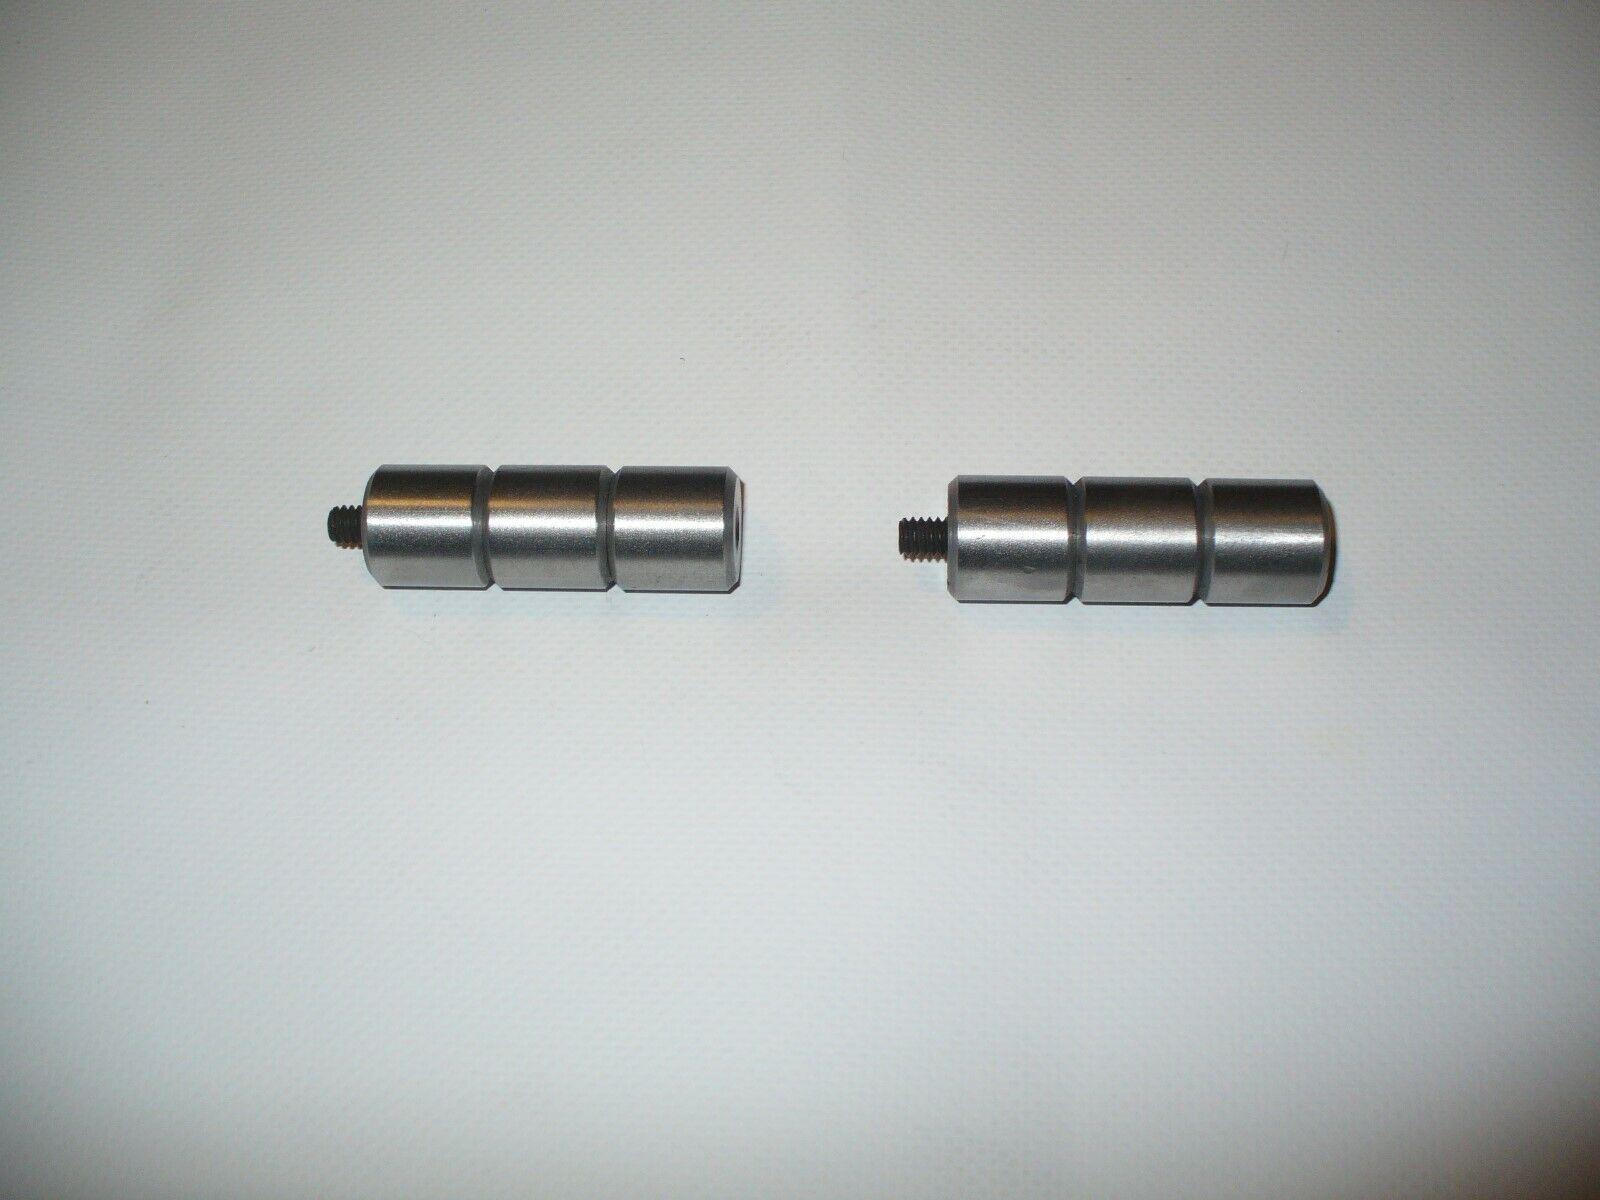 Doinker+Weights+Stabilizer Weights+3-3//4 x 3//4+1.4 Oz Wts+1//4-20 Thread+